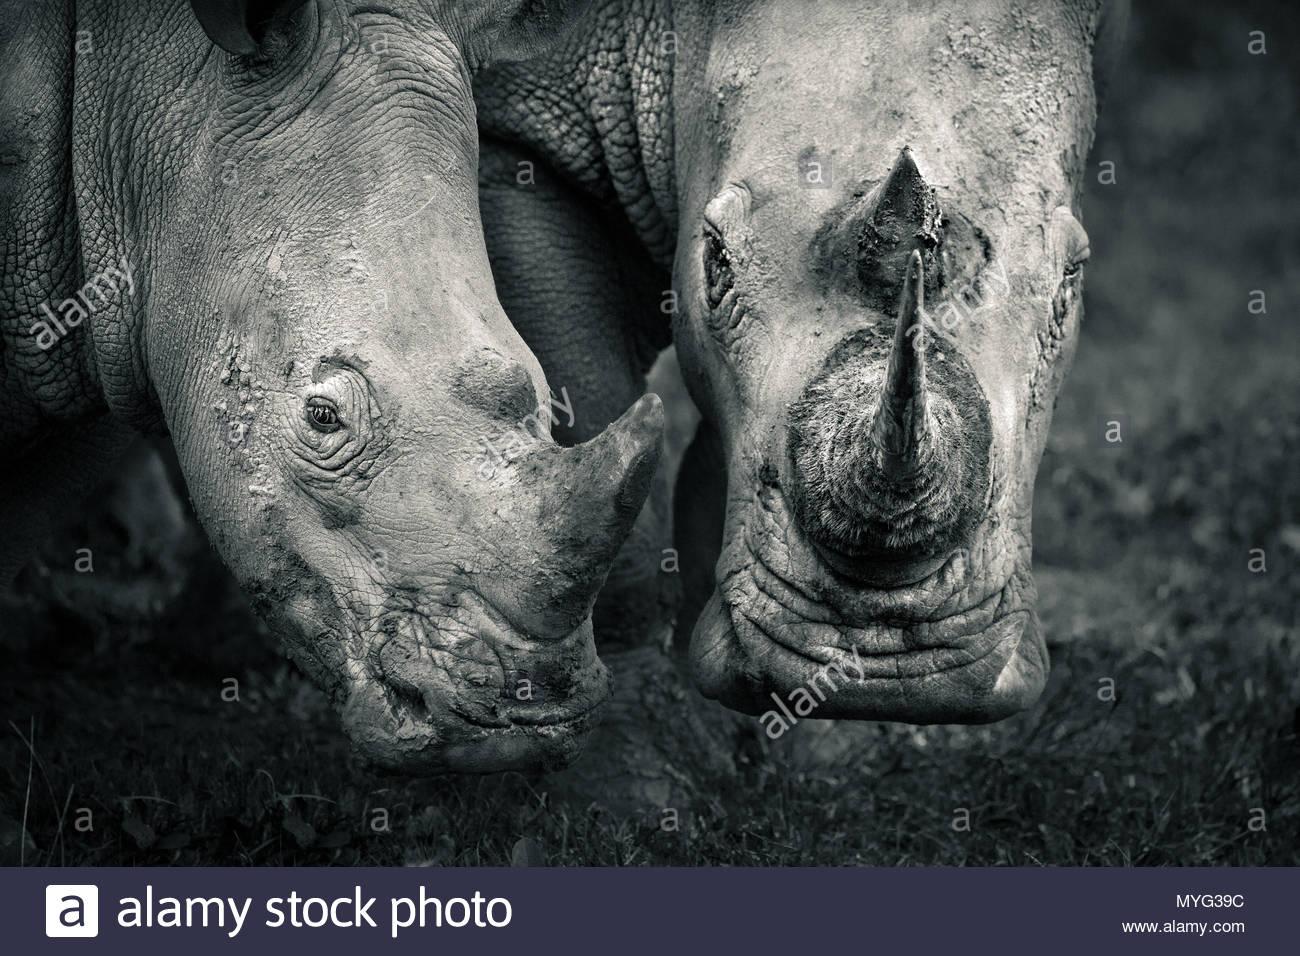 Una madre y su becerro rinoceronte blanco meridional en Solio santuario de rinocerontes. Imagen De Stock